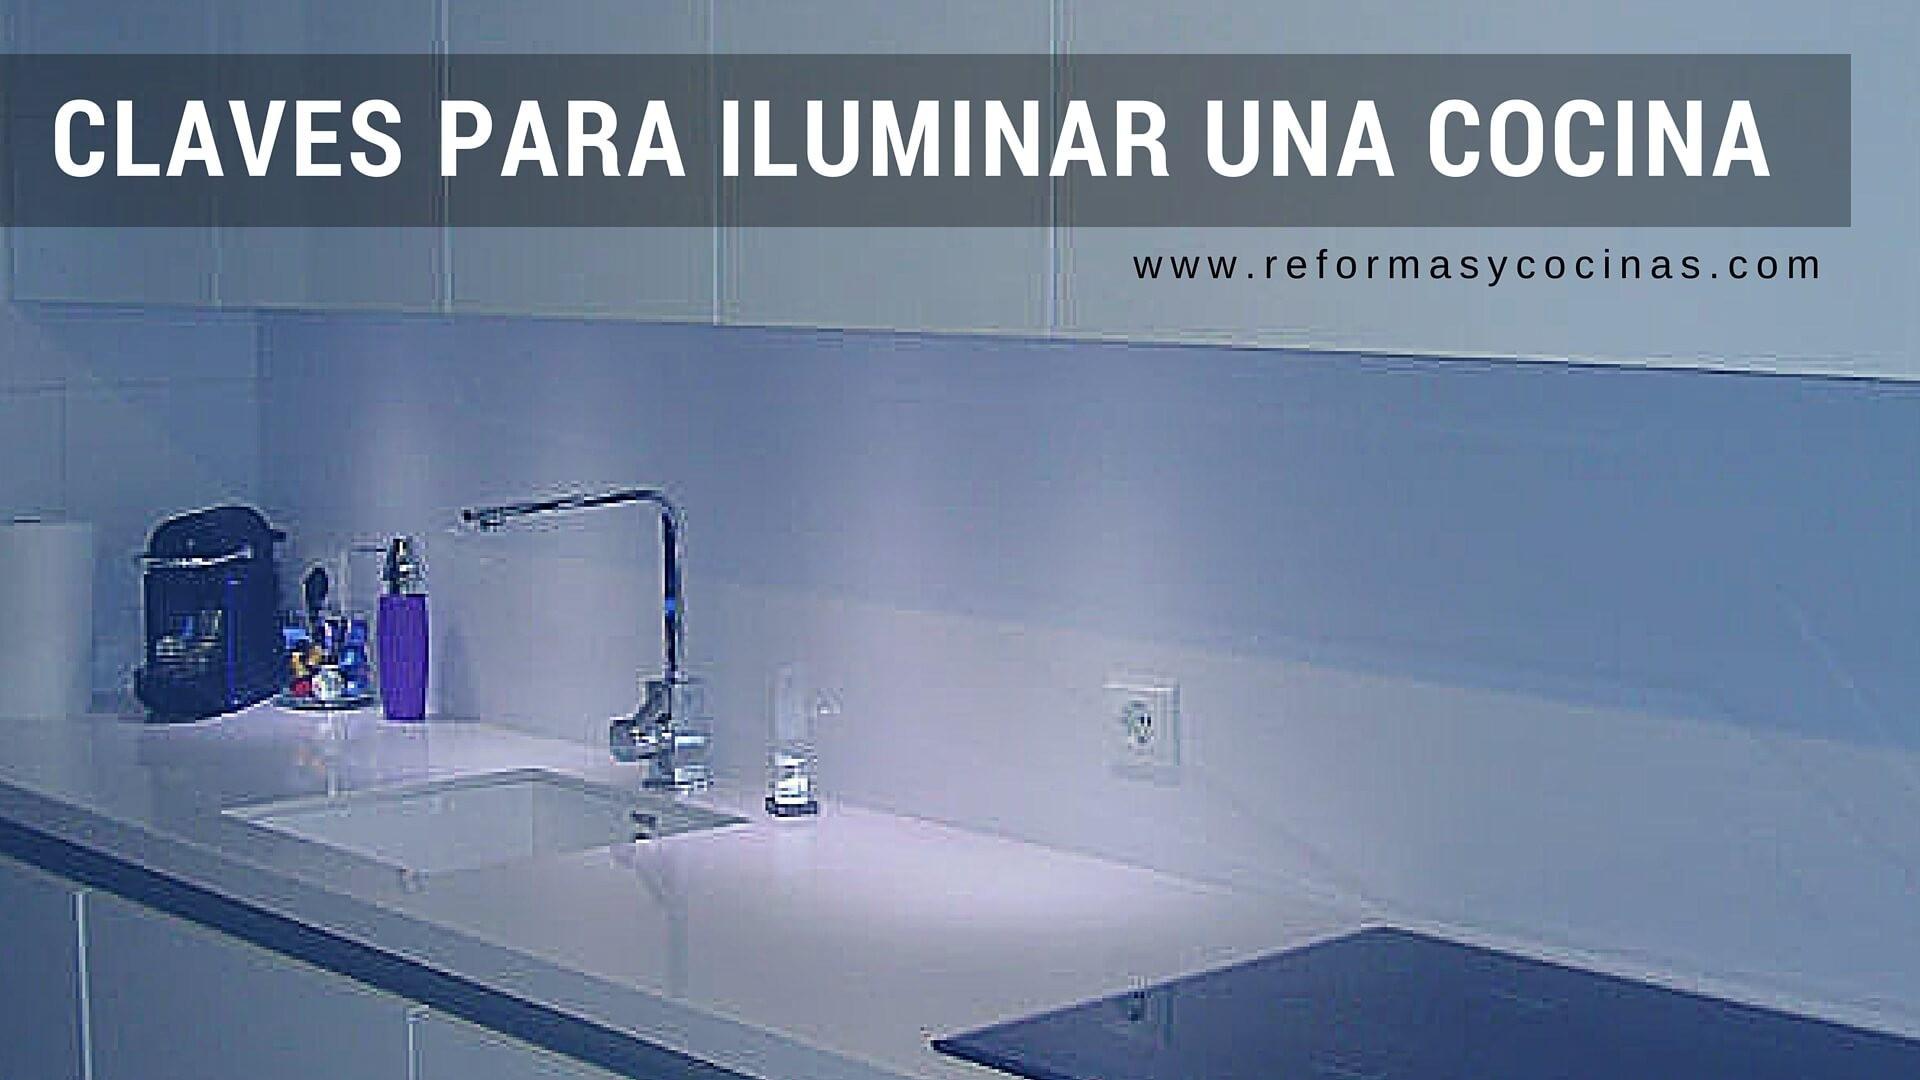 b DF Cuartoz las precioso iluminacion cocina led